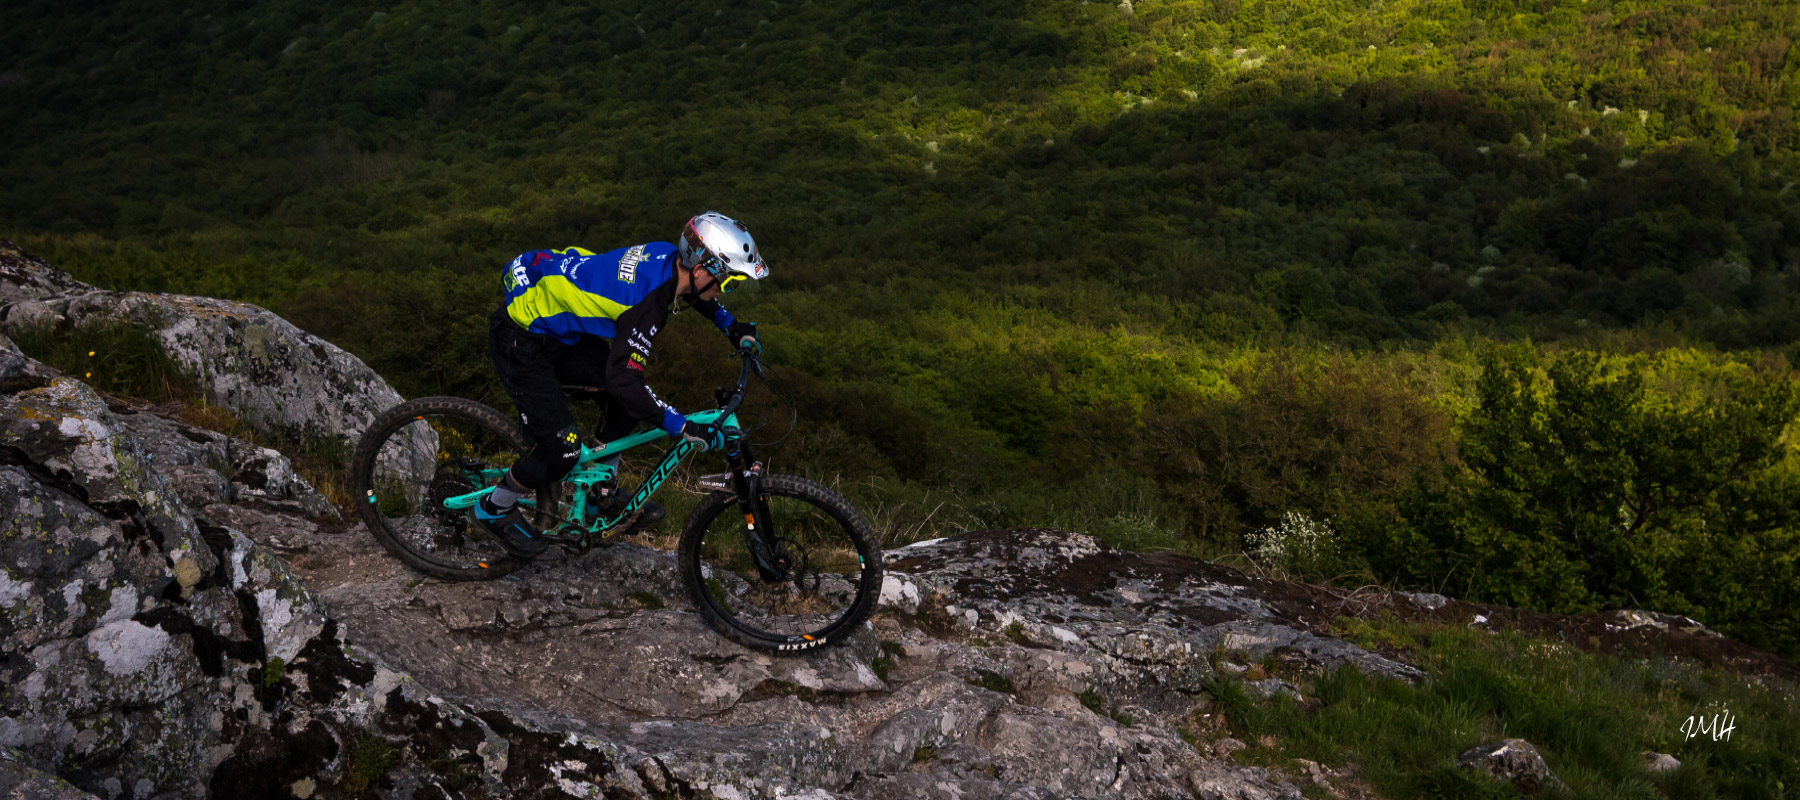 Galeries photos du Haut Languedoc. Regards sur les sports pratiqués en montagne du Haut Languedoc